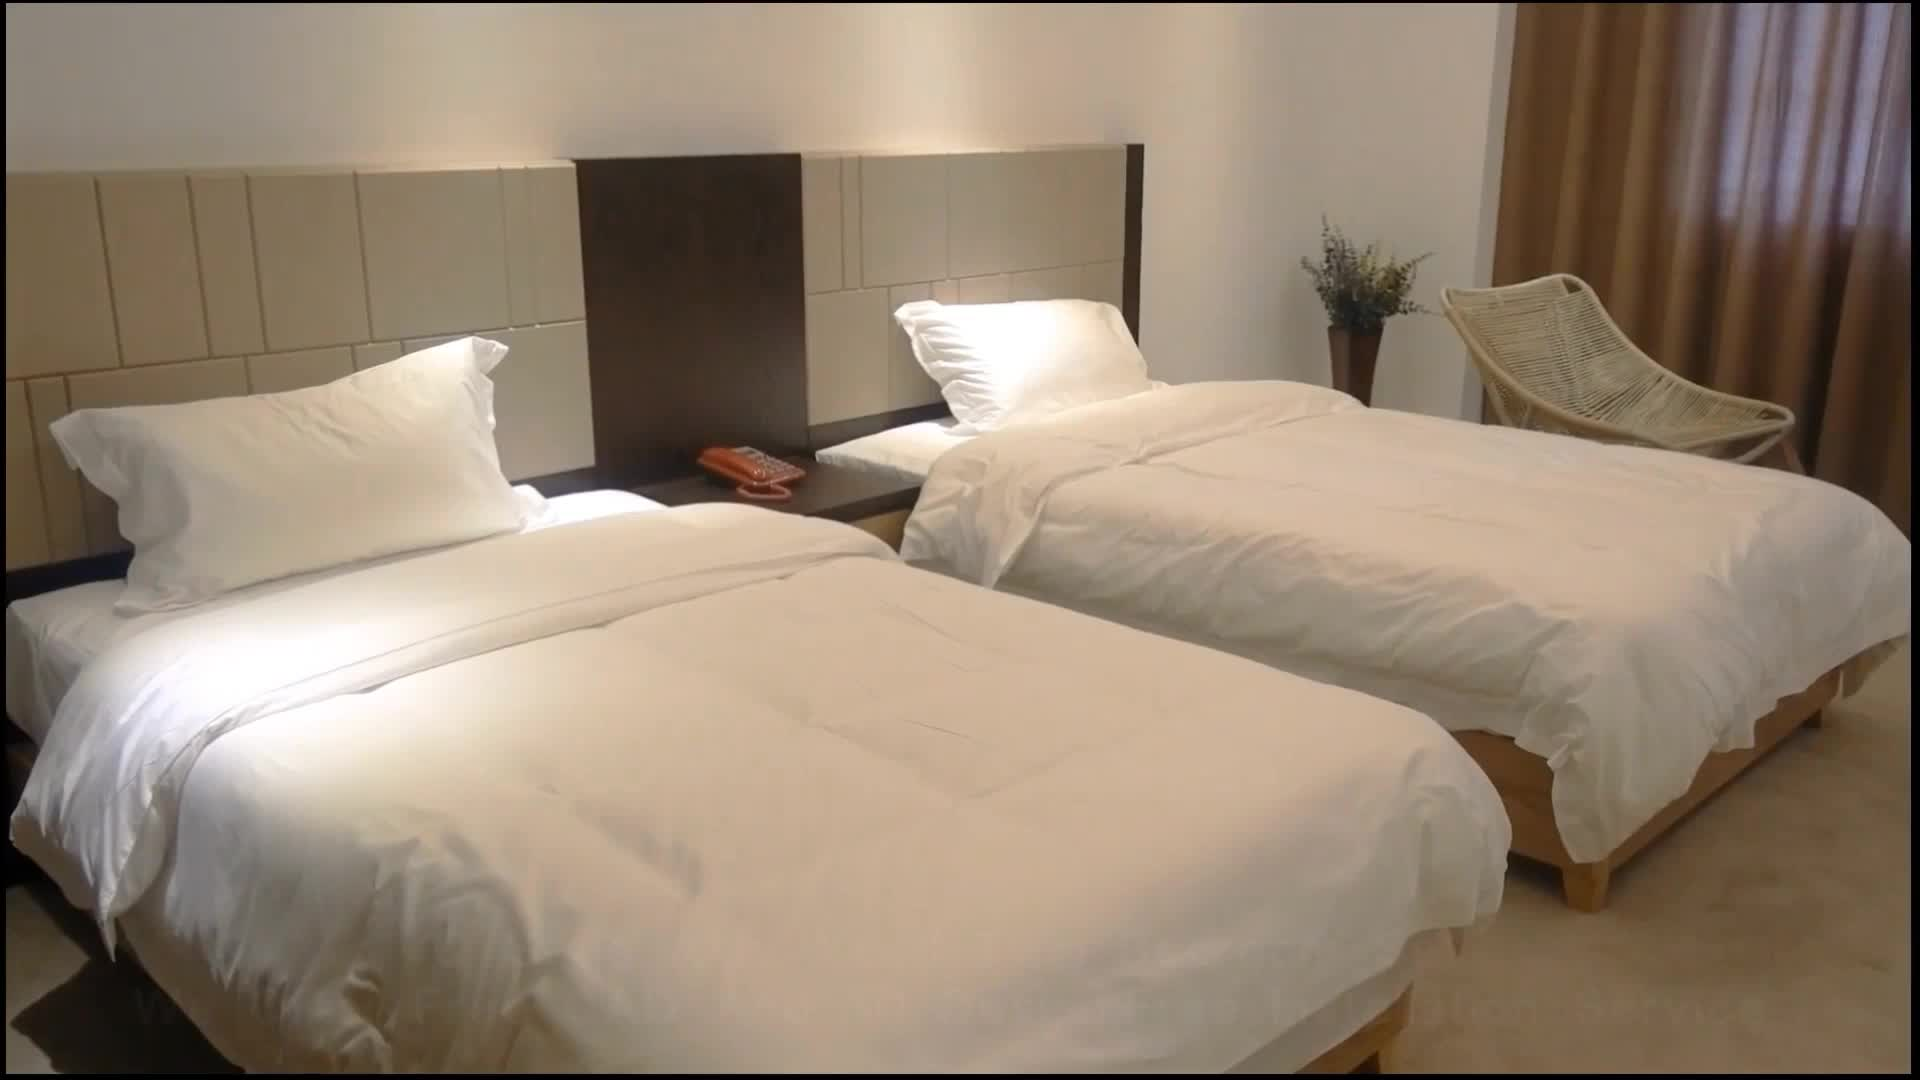 현대 디자인 호텔 침실 가구 nightstand 다채로운 캐비닛 XSY-2019